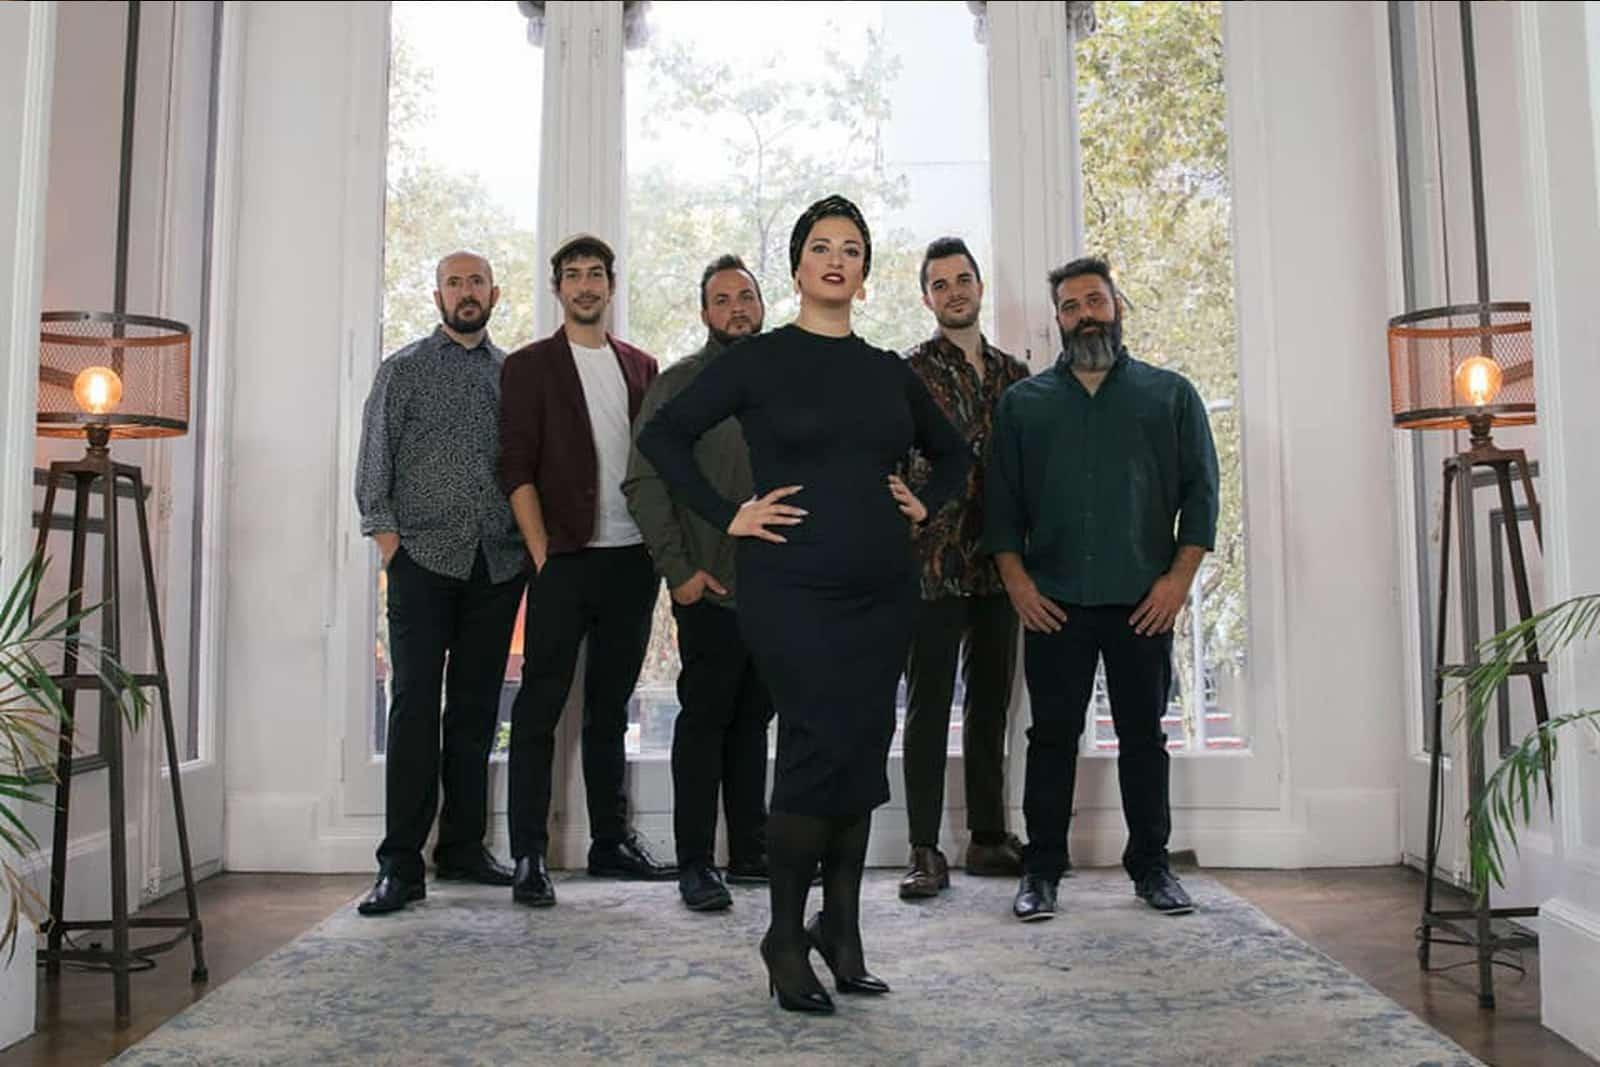 Akeré flamenco latin jazz